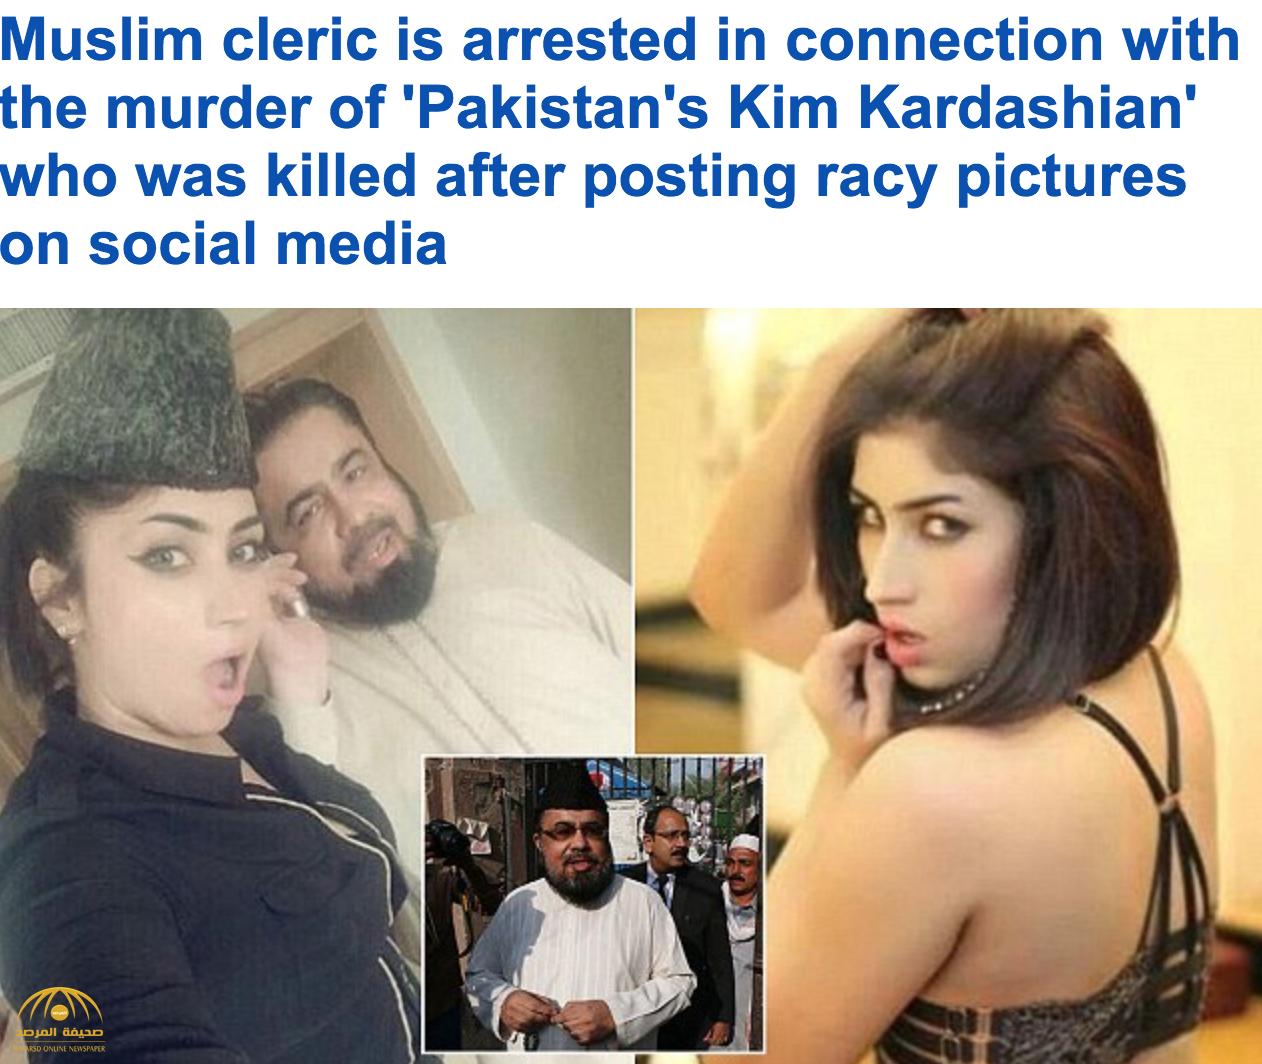 """تطورات جديدة في قضية قتل """"كيم كارداشيان باكستان"""" .. ومدبر الجريمة شخصية مرموقة"""